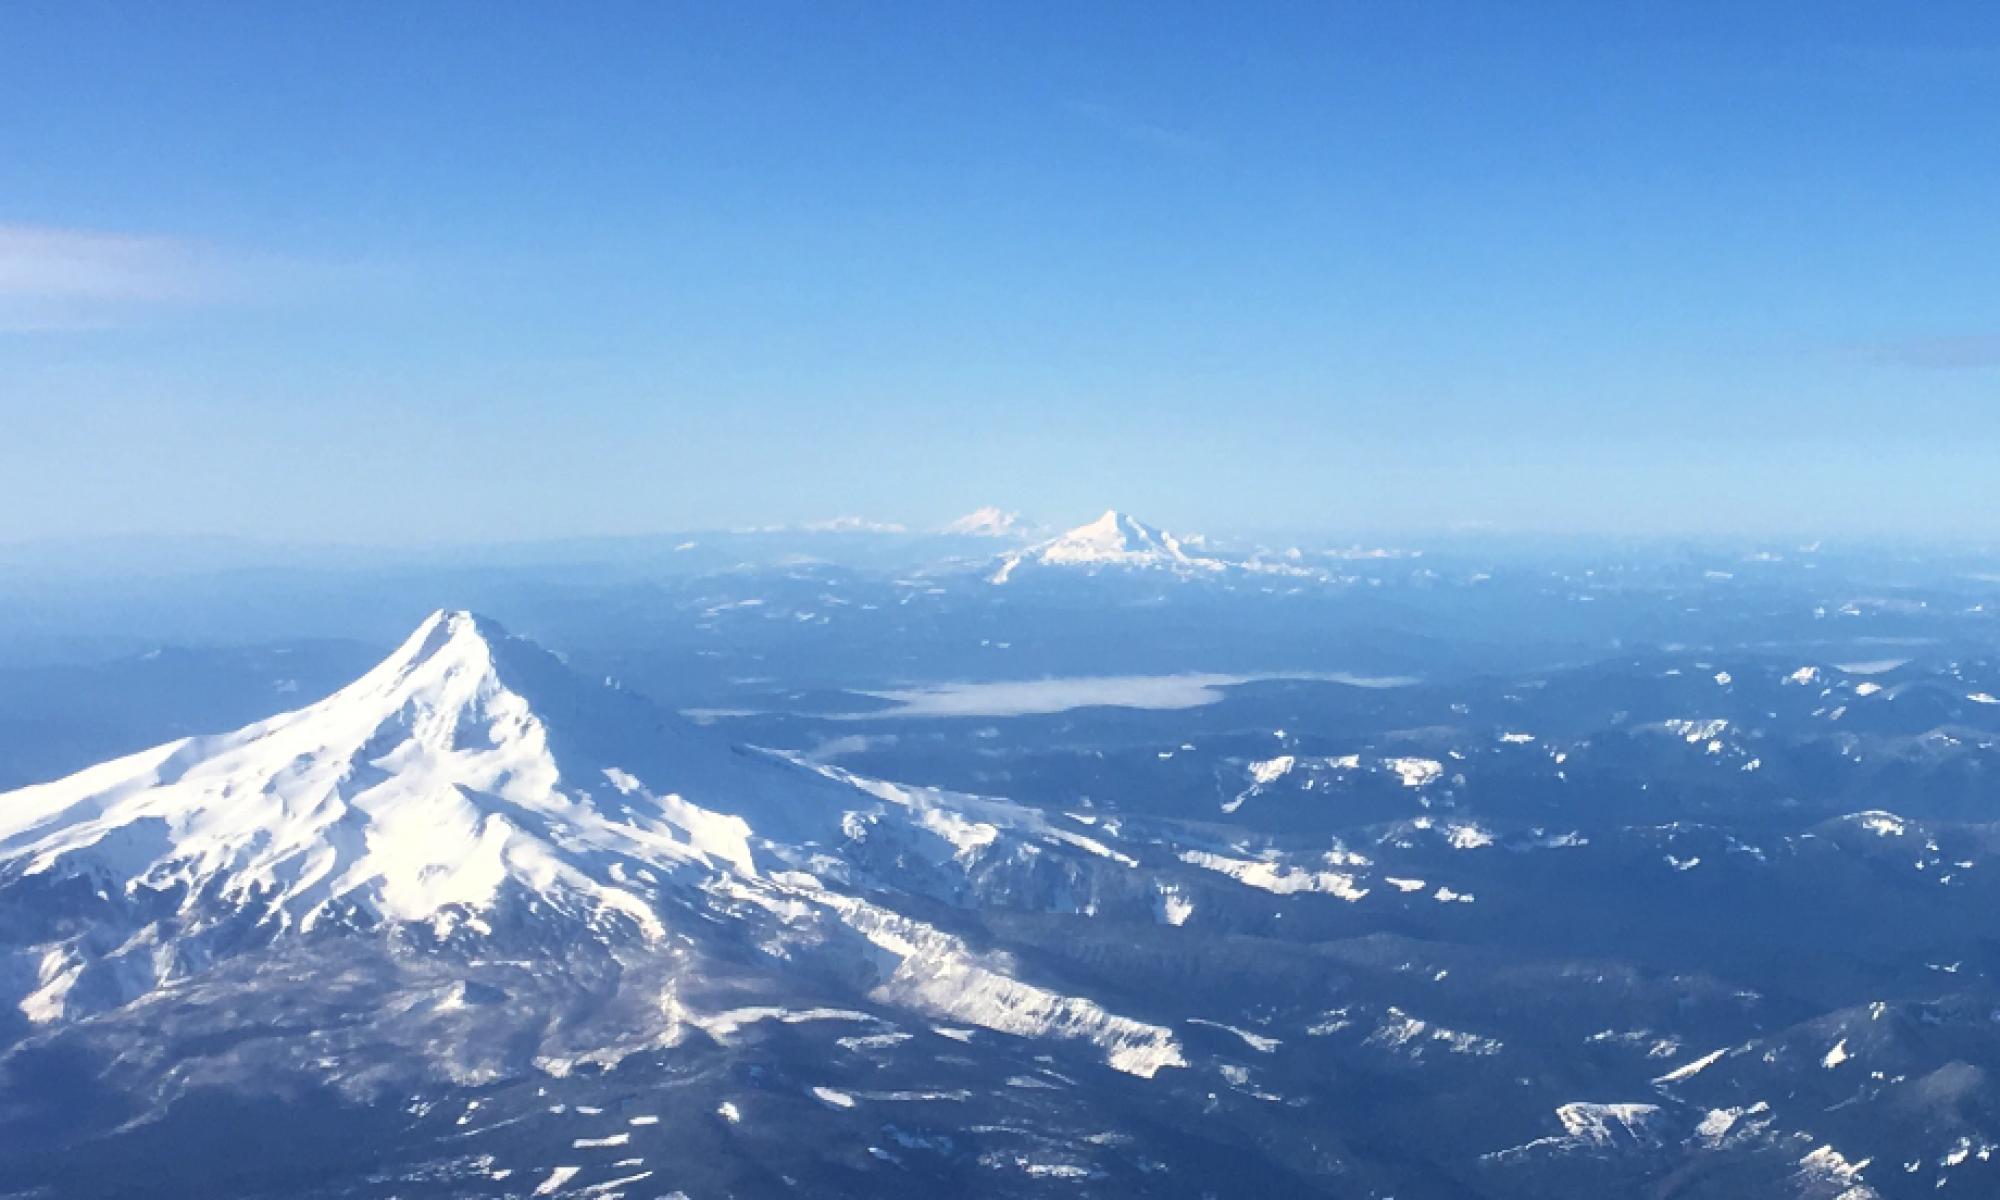 Sasquatch Aerial Services